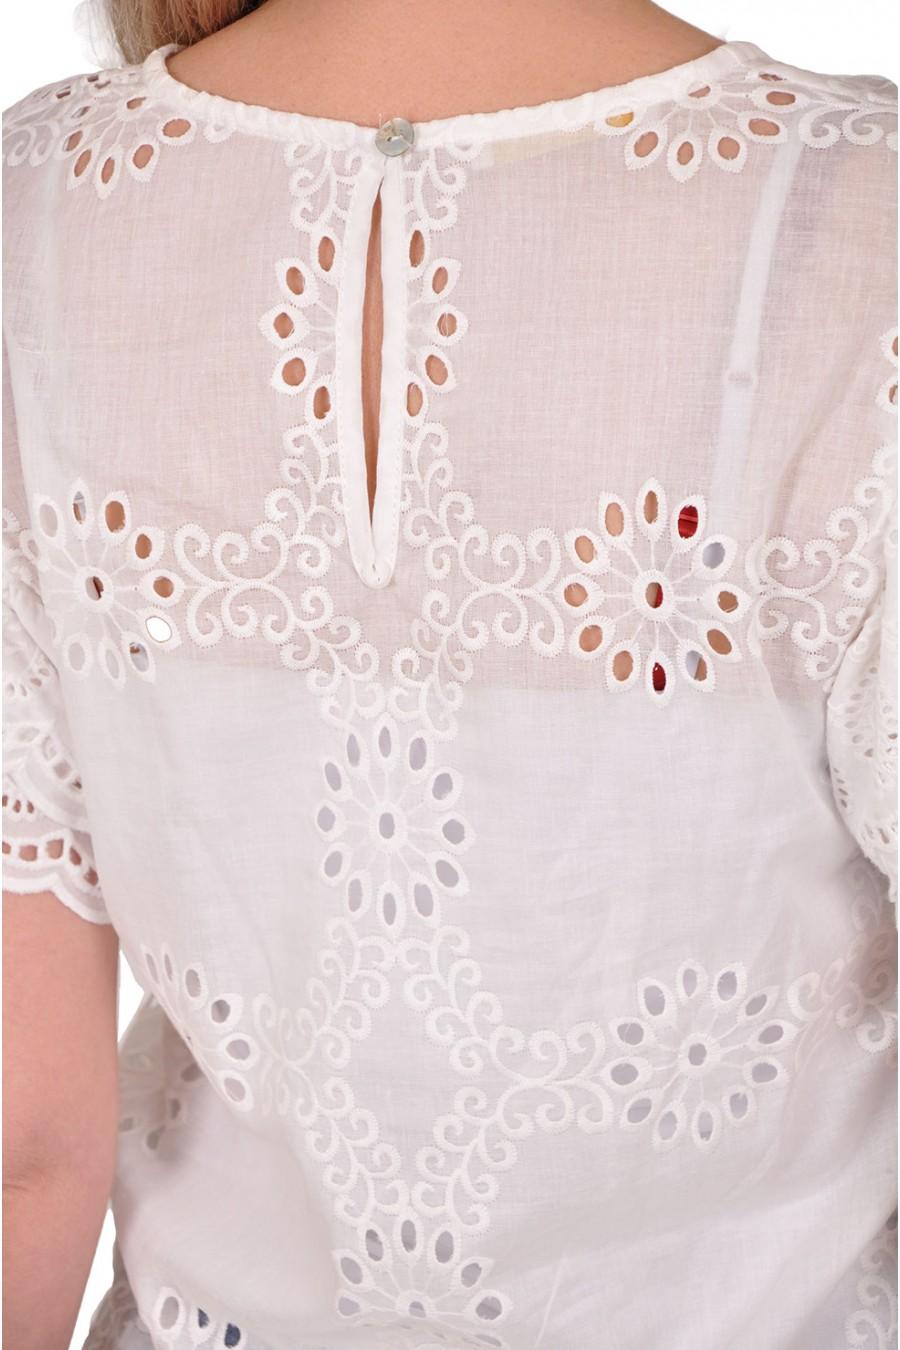 Broderie blouse korte mouwen Gemma Ricceri